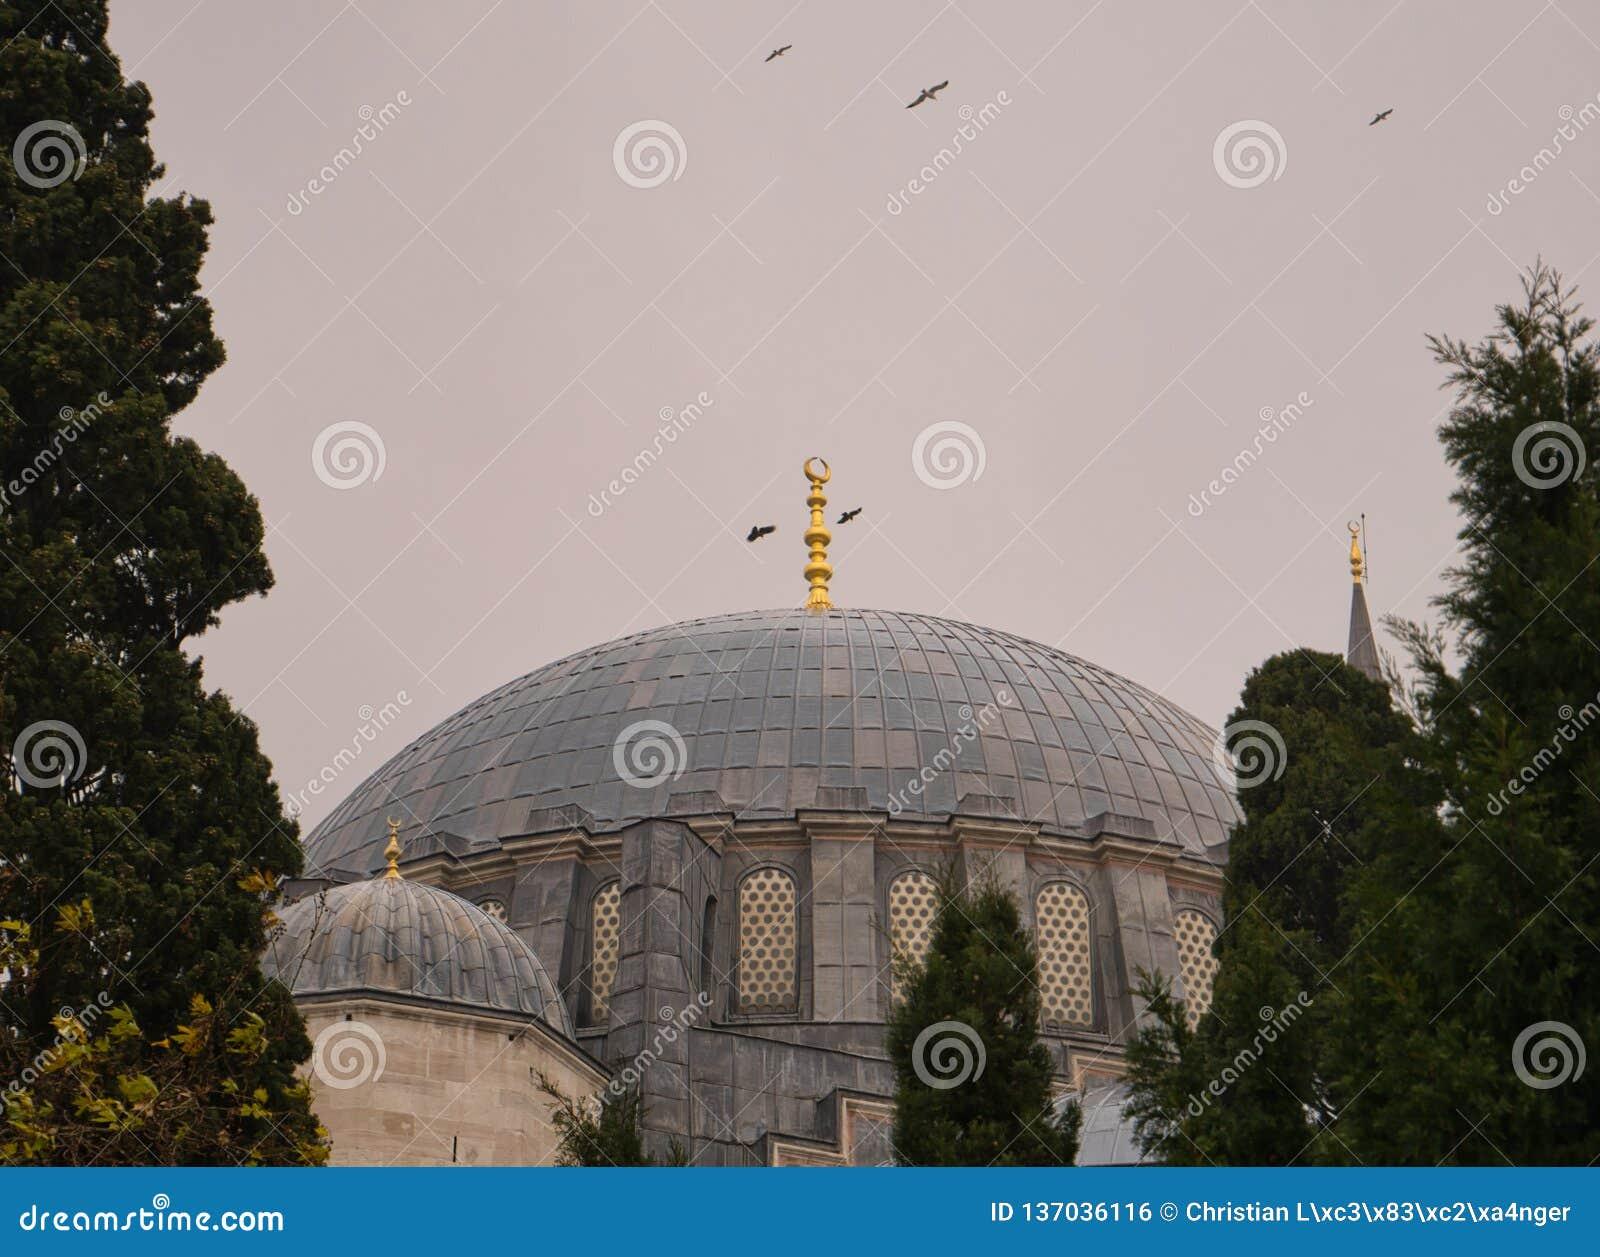 Pássaros que circundam acima da abóbada de uma grande mesquita